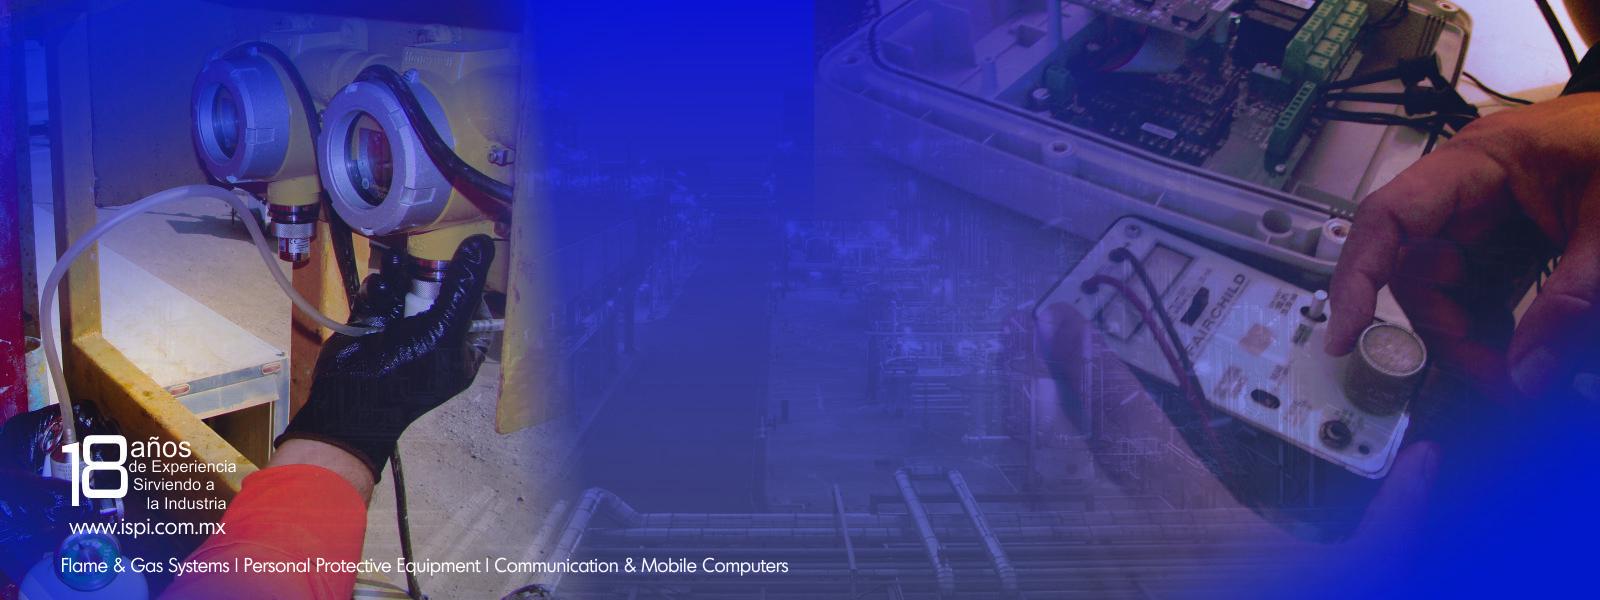 Servicios especializados a monitores de gases toxicos y %lel